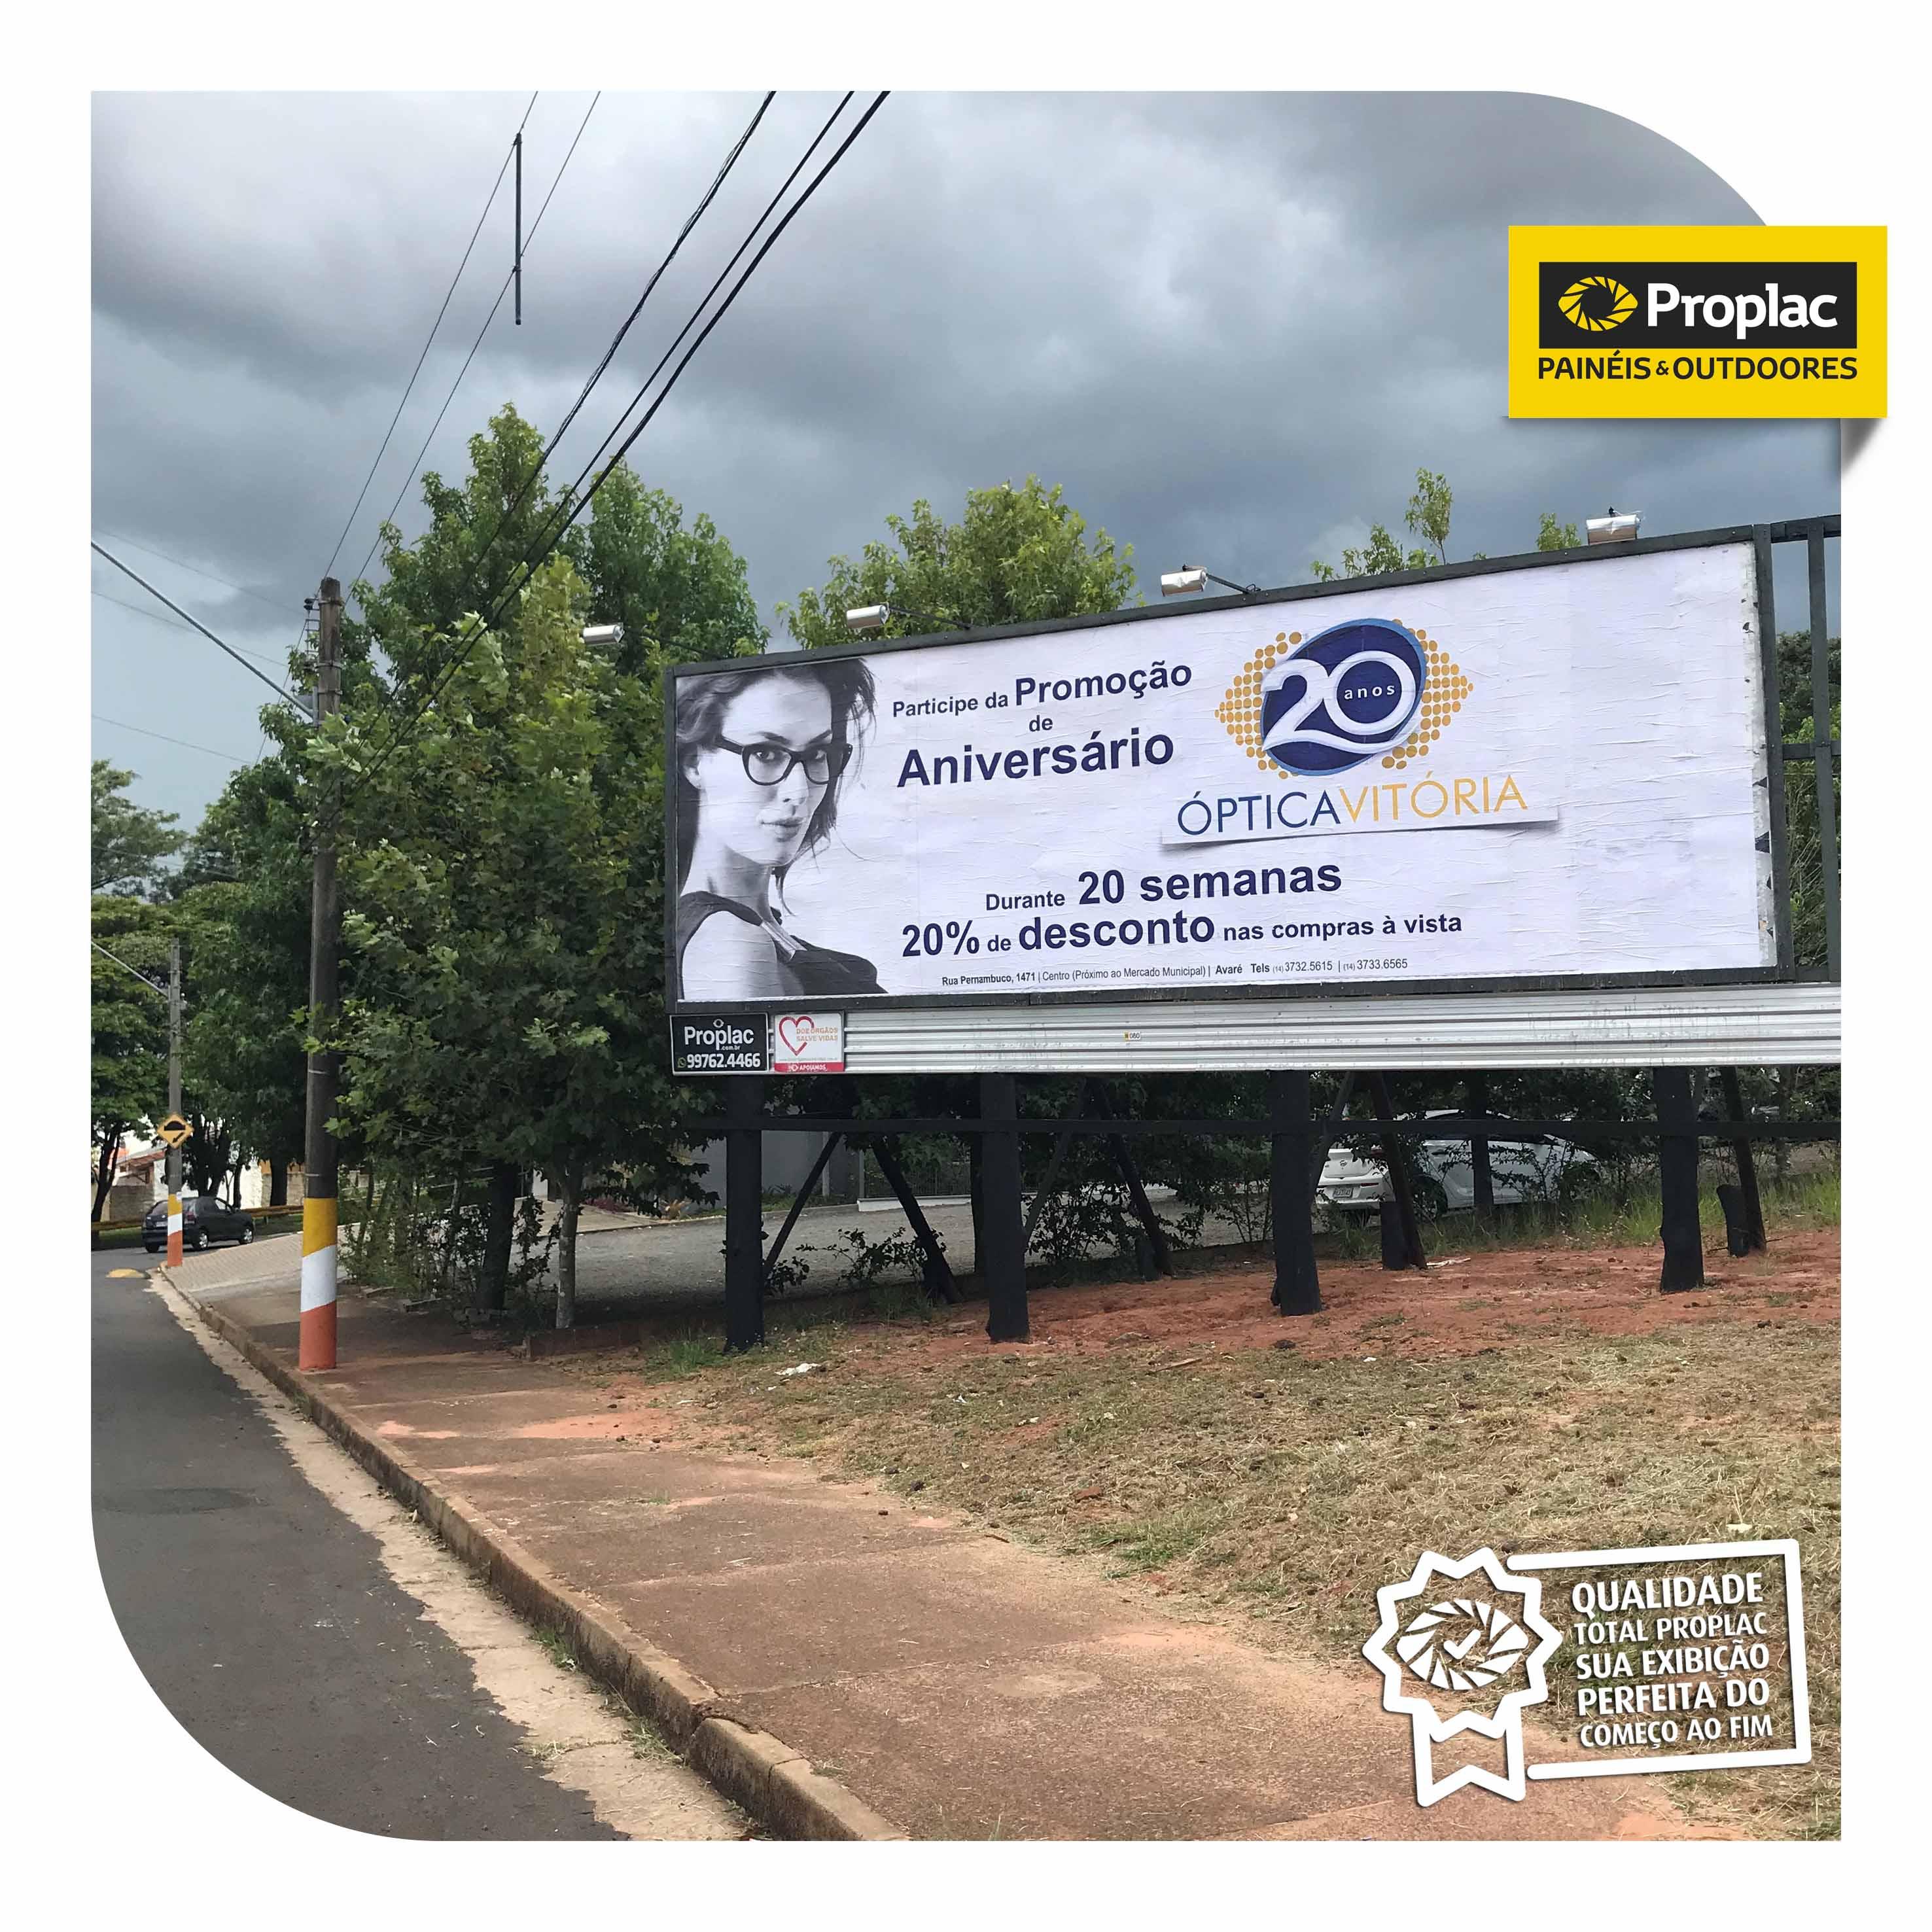 e0137604499db Óptica Vitória Rua Pernambuco, 1471 – Centro Avaré – SP- Brasil Tel (14)  3733.6565 www.facebook.com optica-vitoria